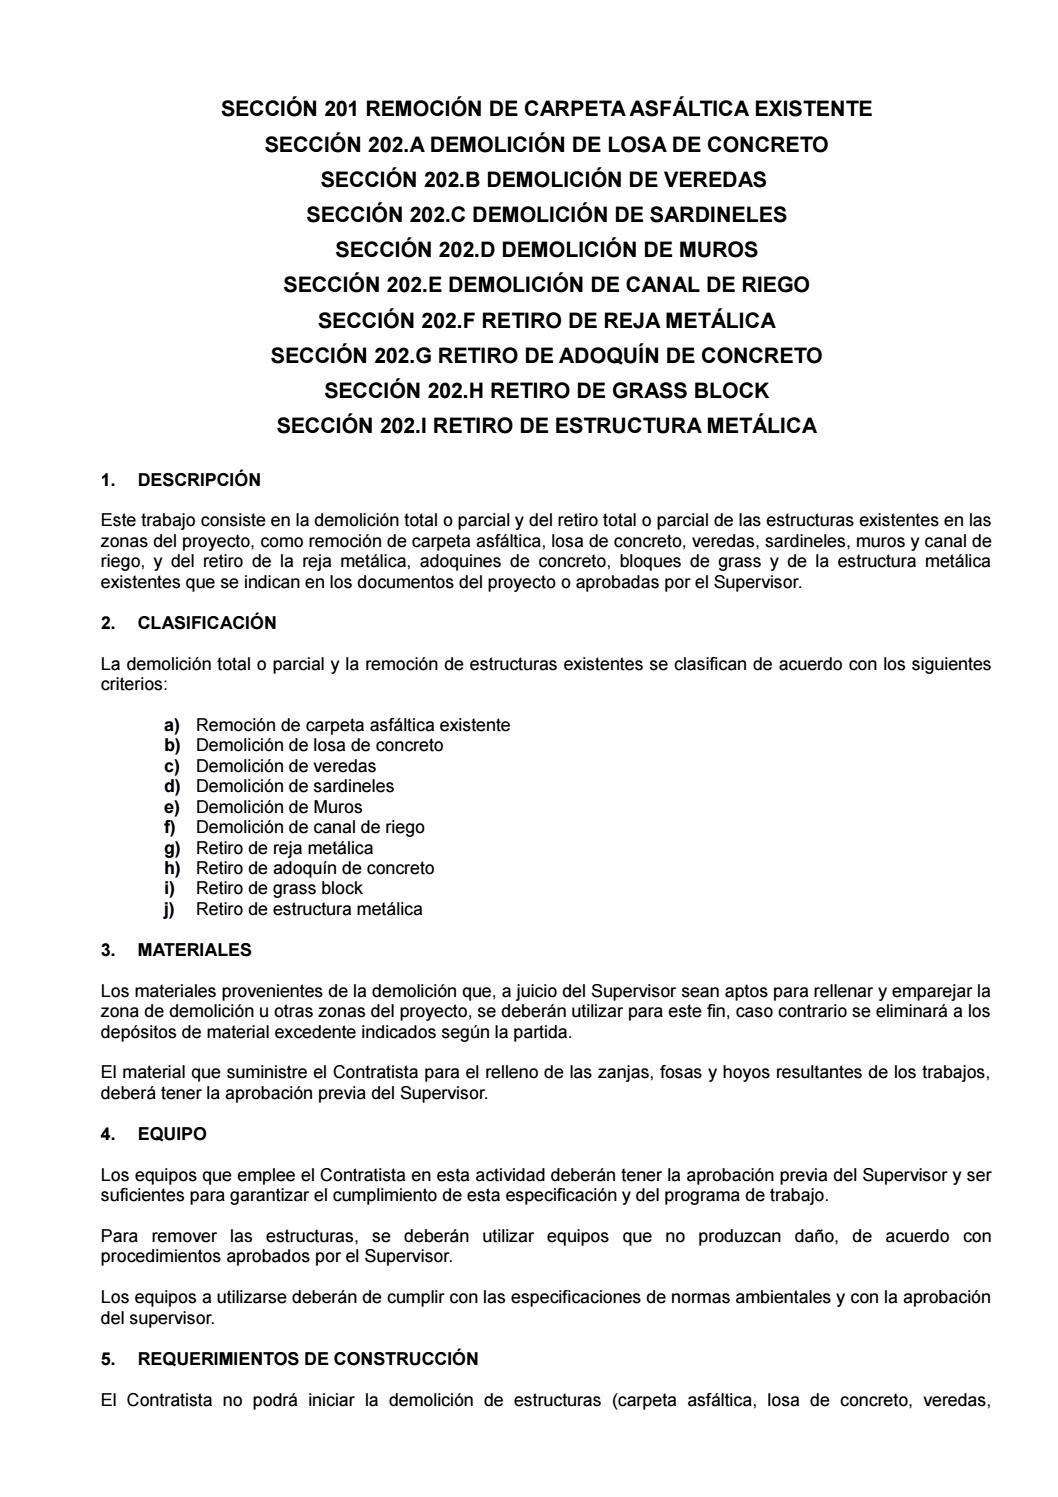 58637766 200 Demoliciones Y Remocion By Fid Dominguez G Issuu